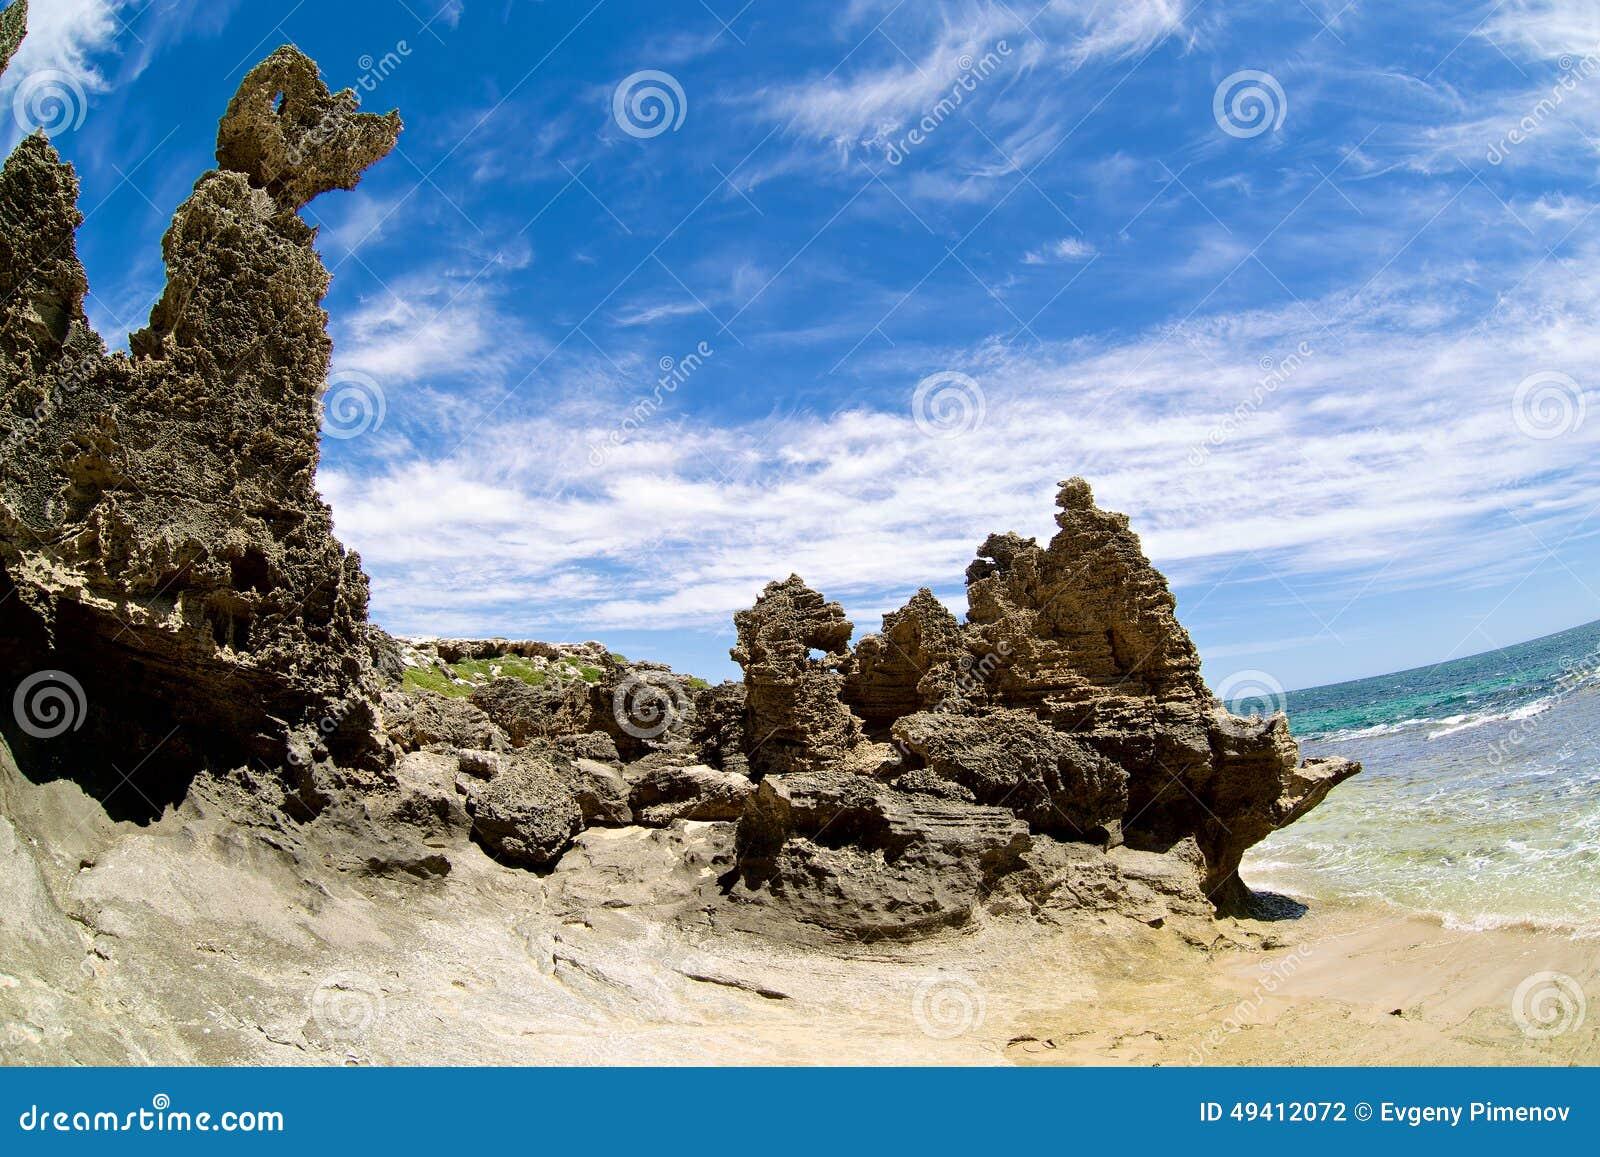 Download Großer Felsen Auf Dem Strand Mit Blauen Wolken Wie Stockfoto - Bild von königreich, sechseckig: 49412072